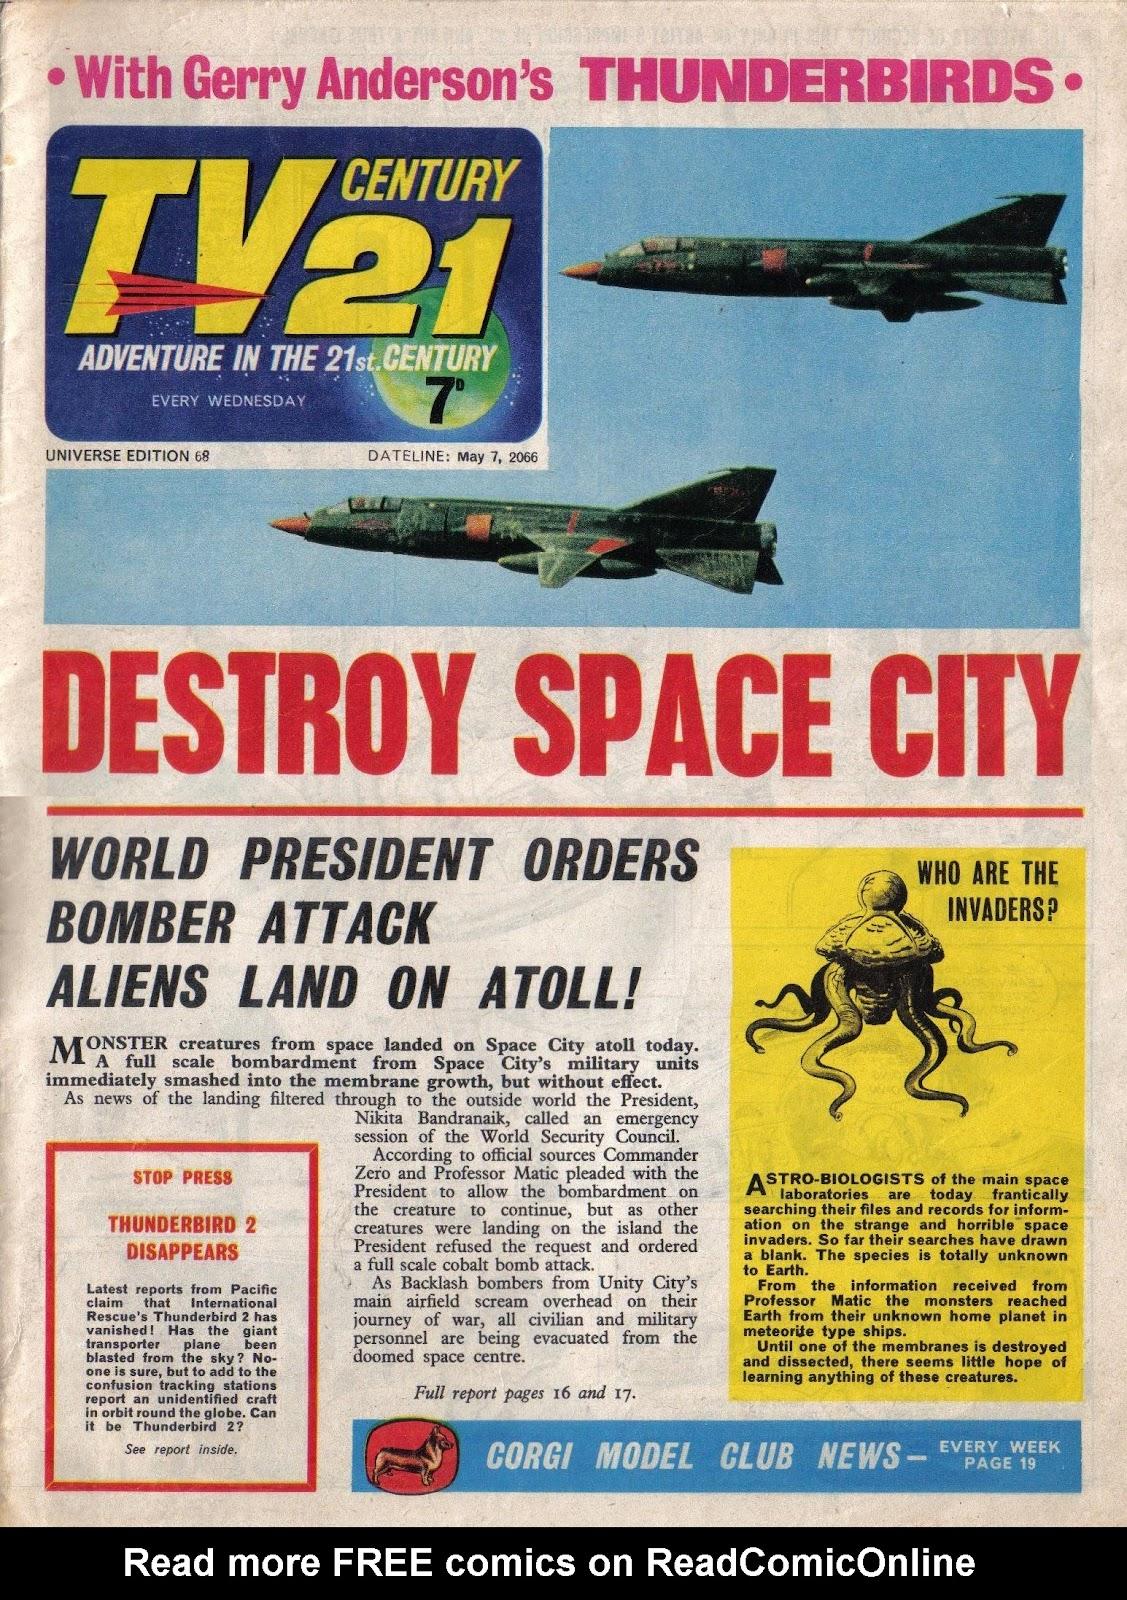 TV Century 21 (TV 21) 68 Page 1